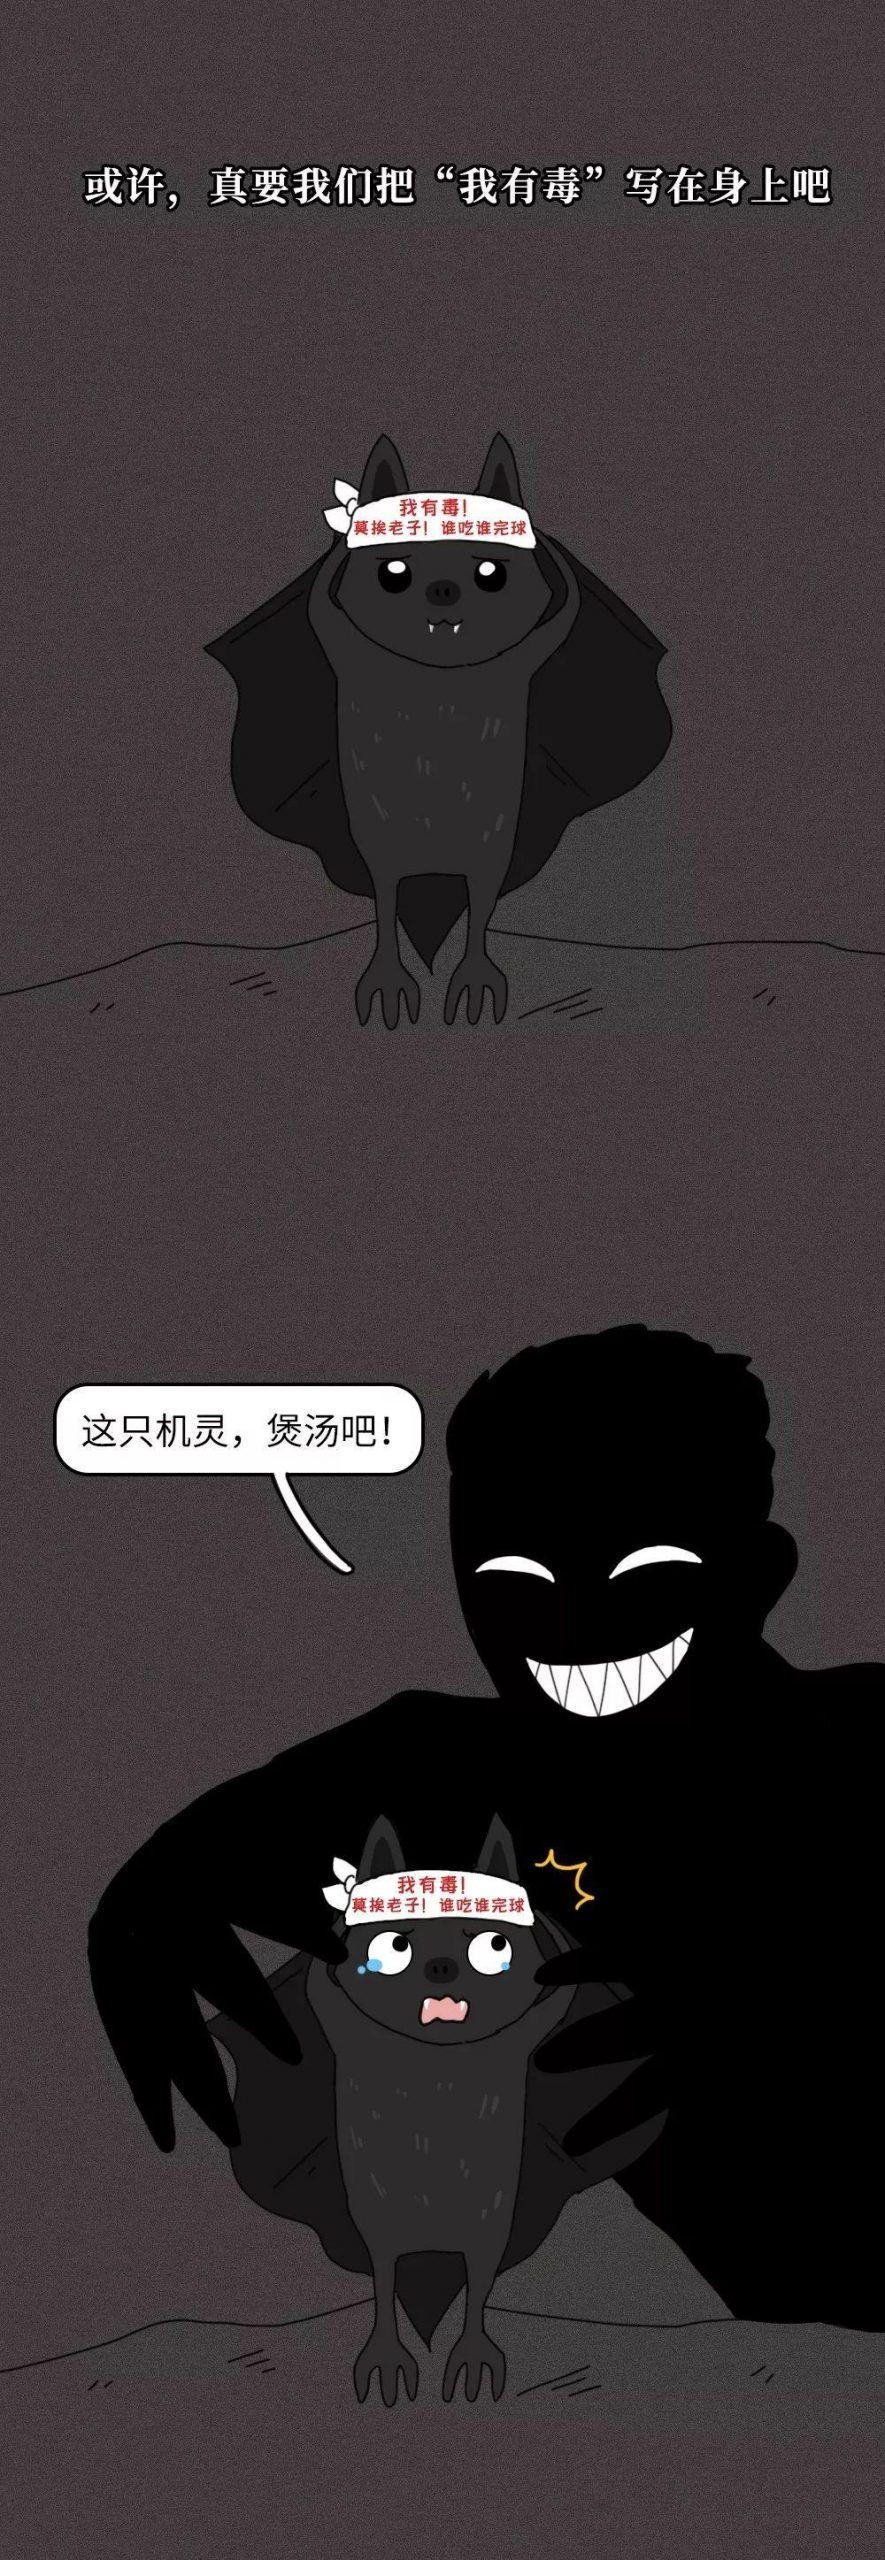 战役!一只蝙蝠的自述在朋友圈火了!